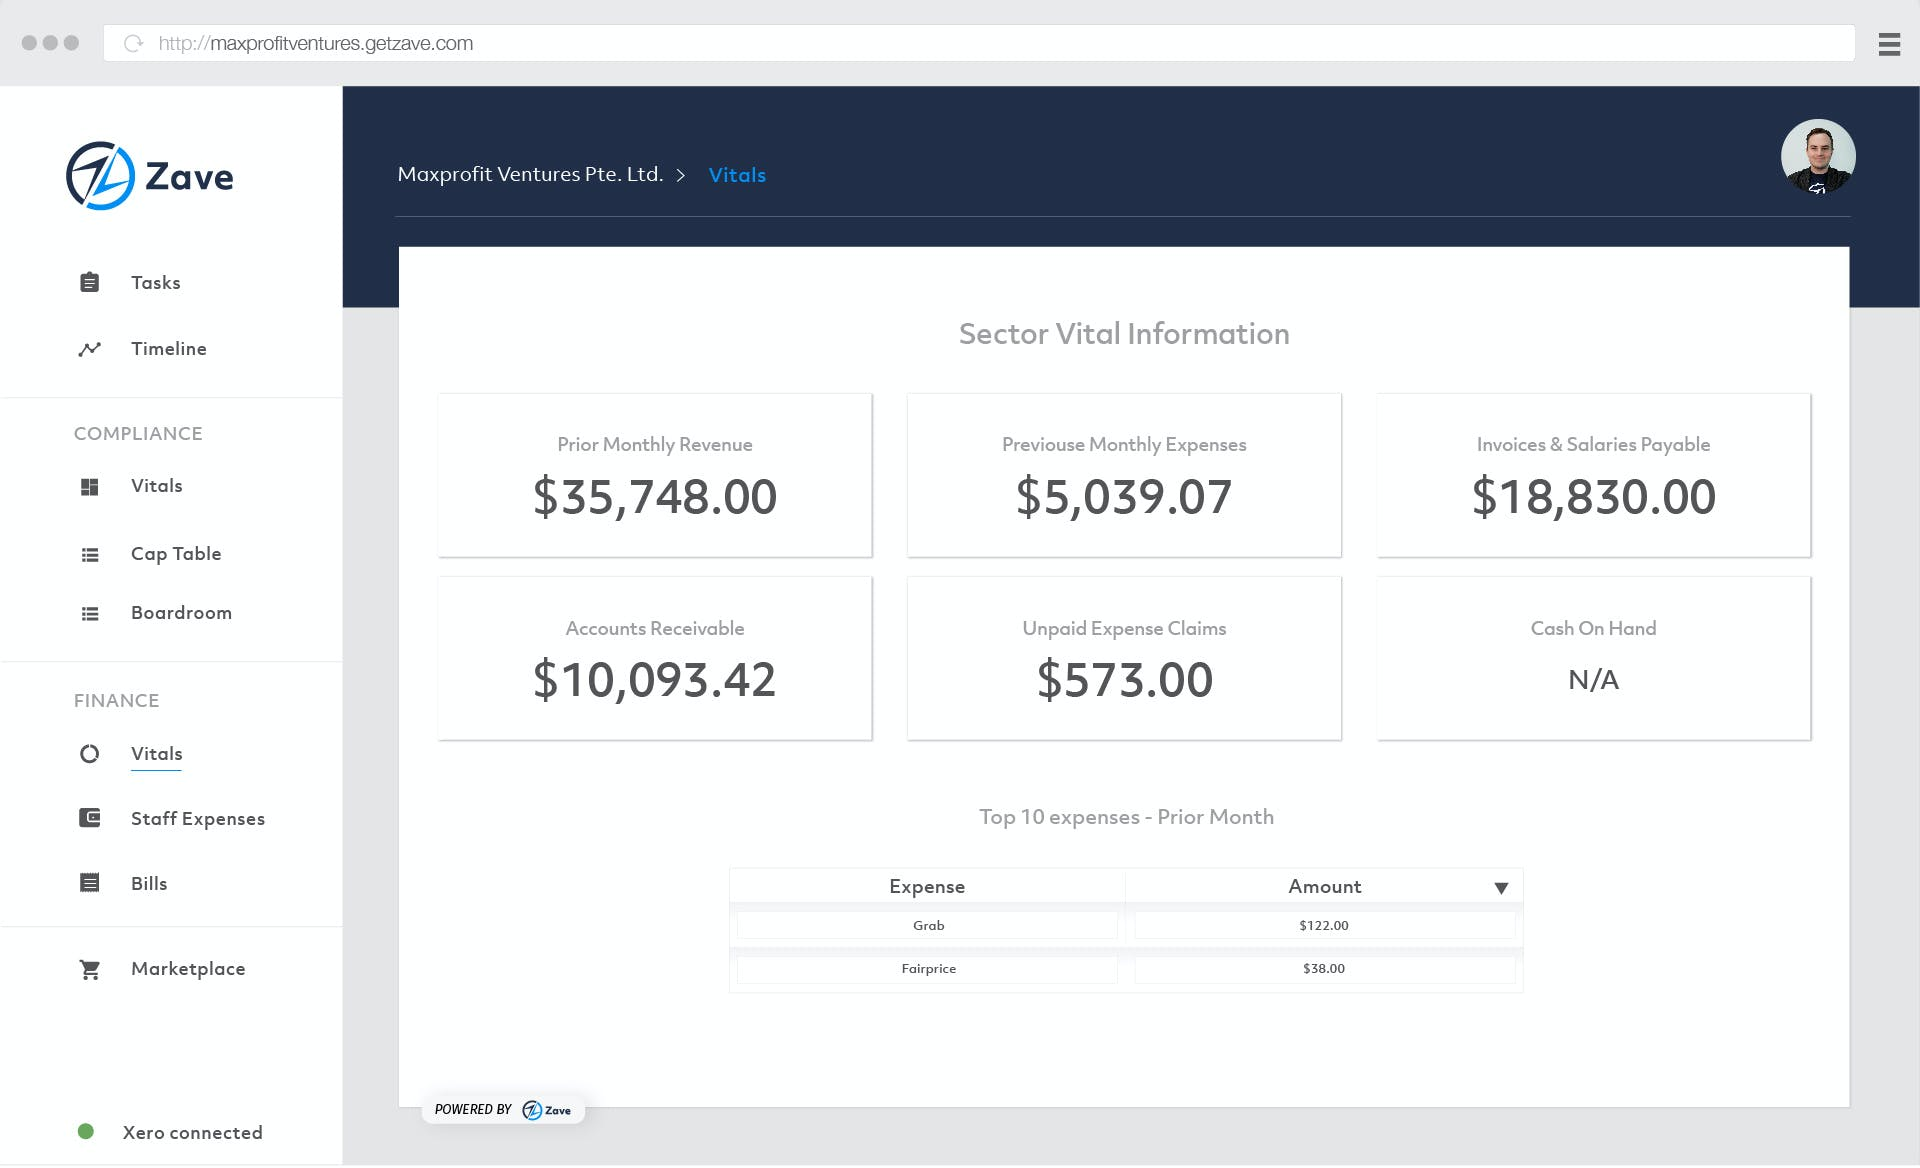 Zave website interface